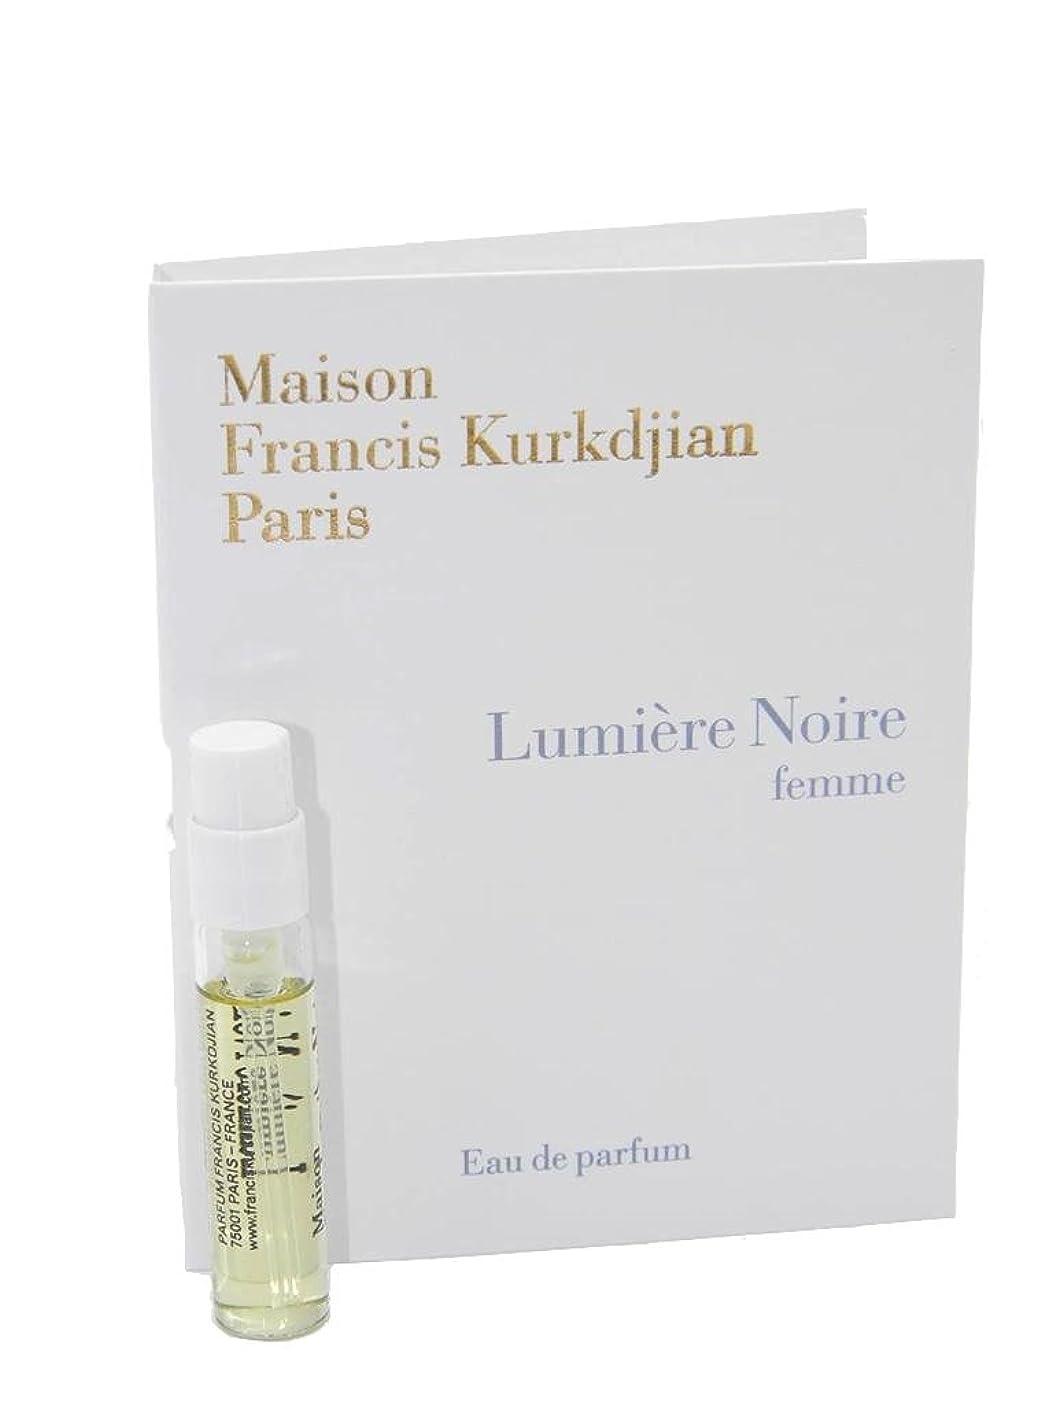 約束するクライマックス日の出Maison Francis Kurkdjian Lumiere Noire Femme EDT Vial Sample 2ml(メゾン フランシス クルジャン ルミエール ノワール ファム オードトワレ 2ml)[海外直送品] [並行輸入品]